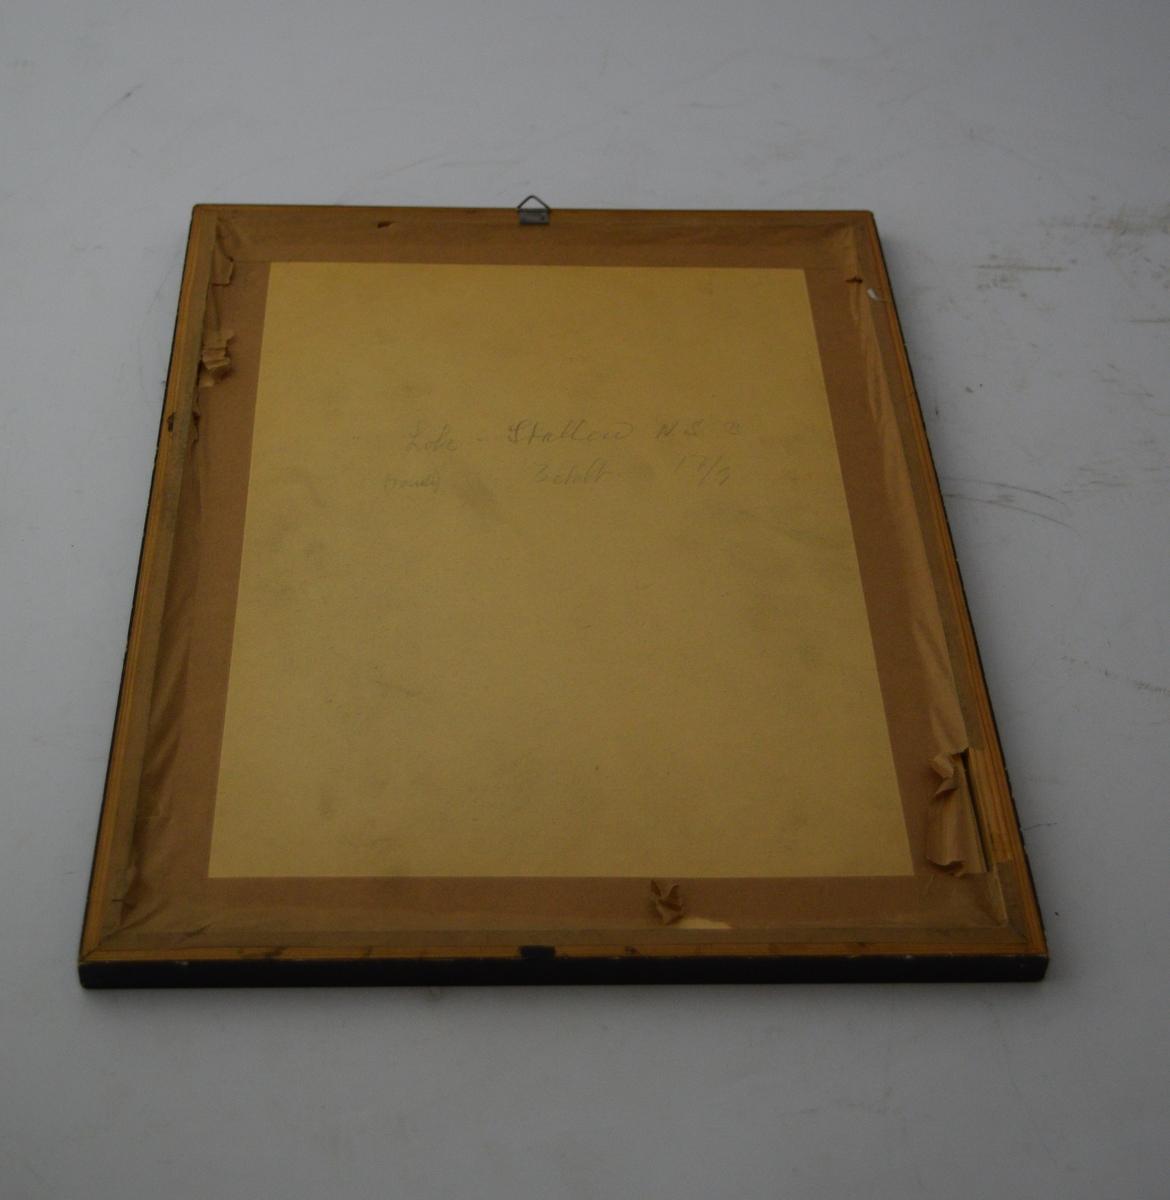 To skytevåpen i kryss med en blink over, sentralt oppe. Bladranke som ramme rundt skriften med en sløyfe på midten nederst.